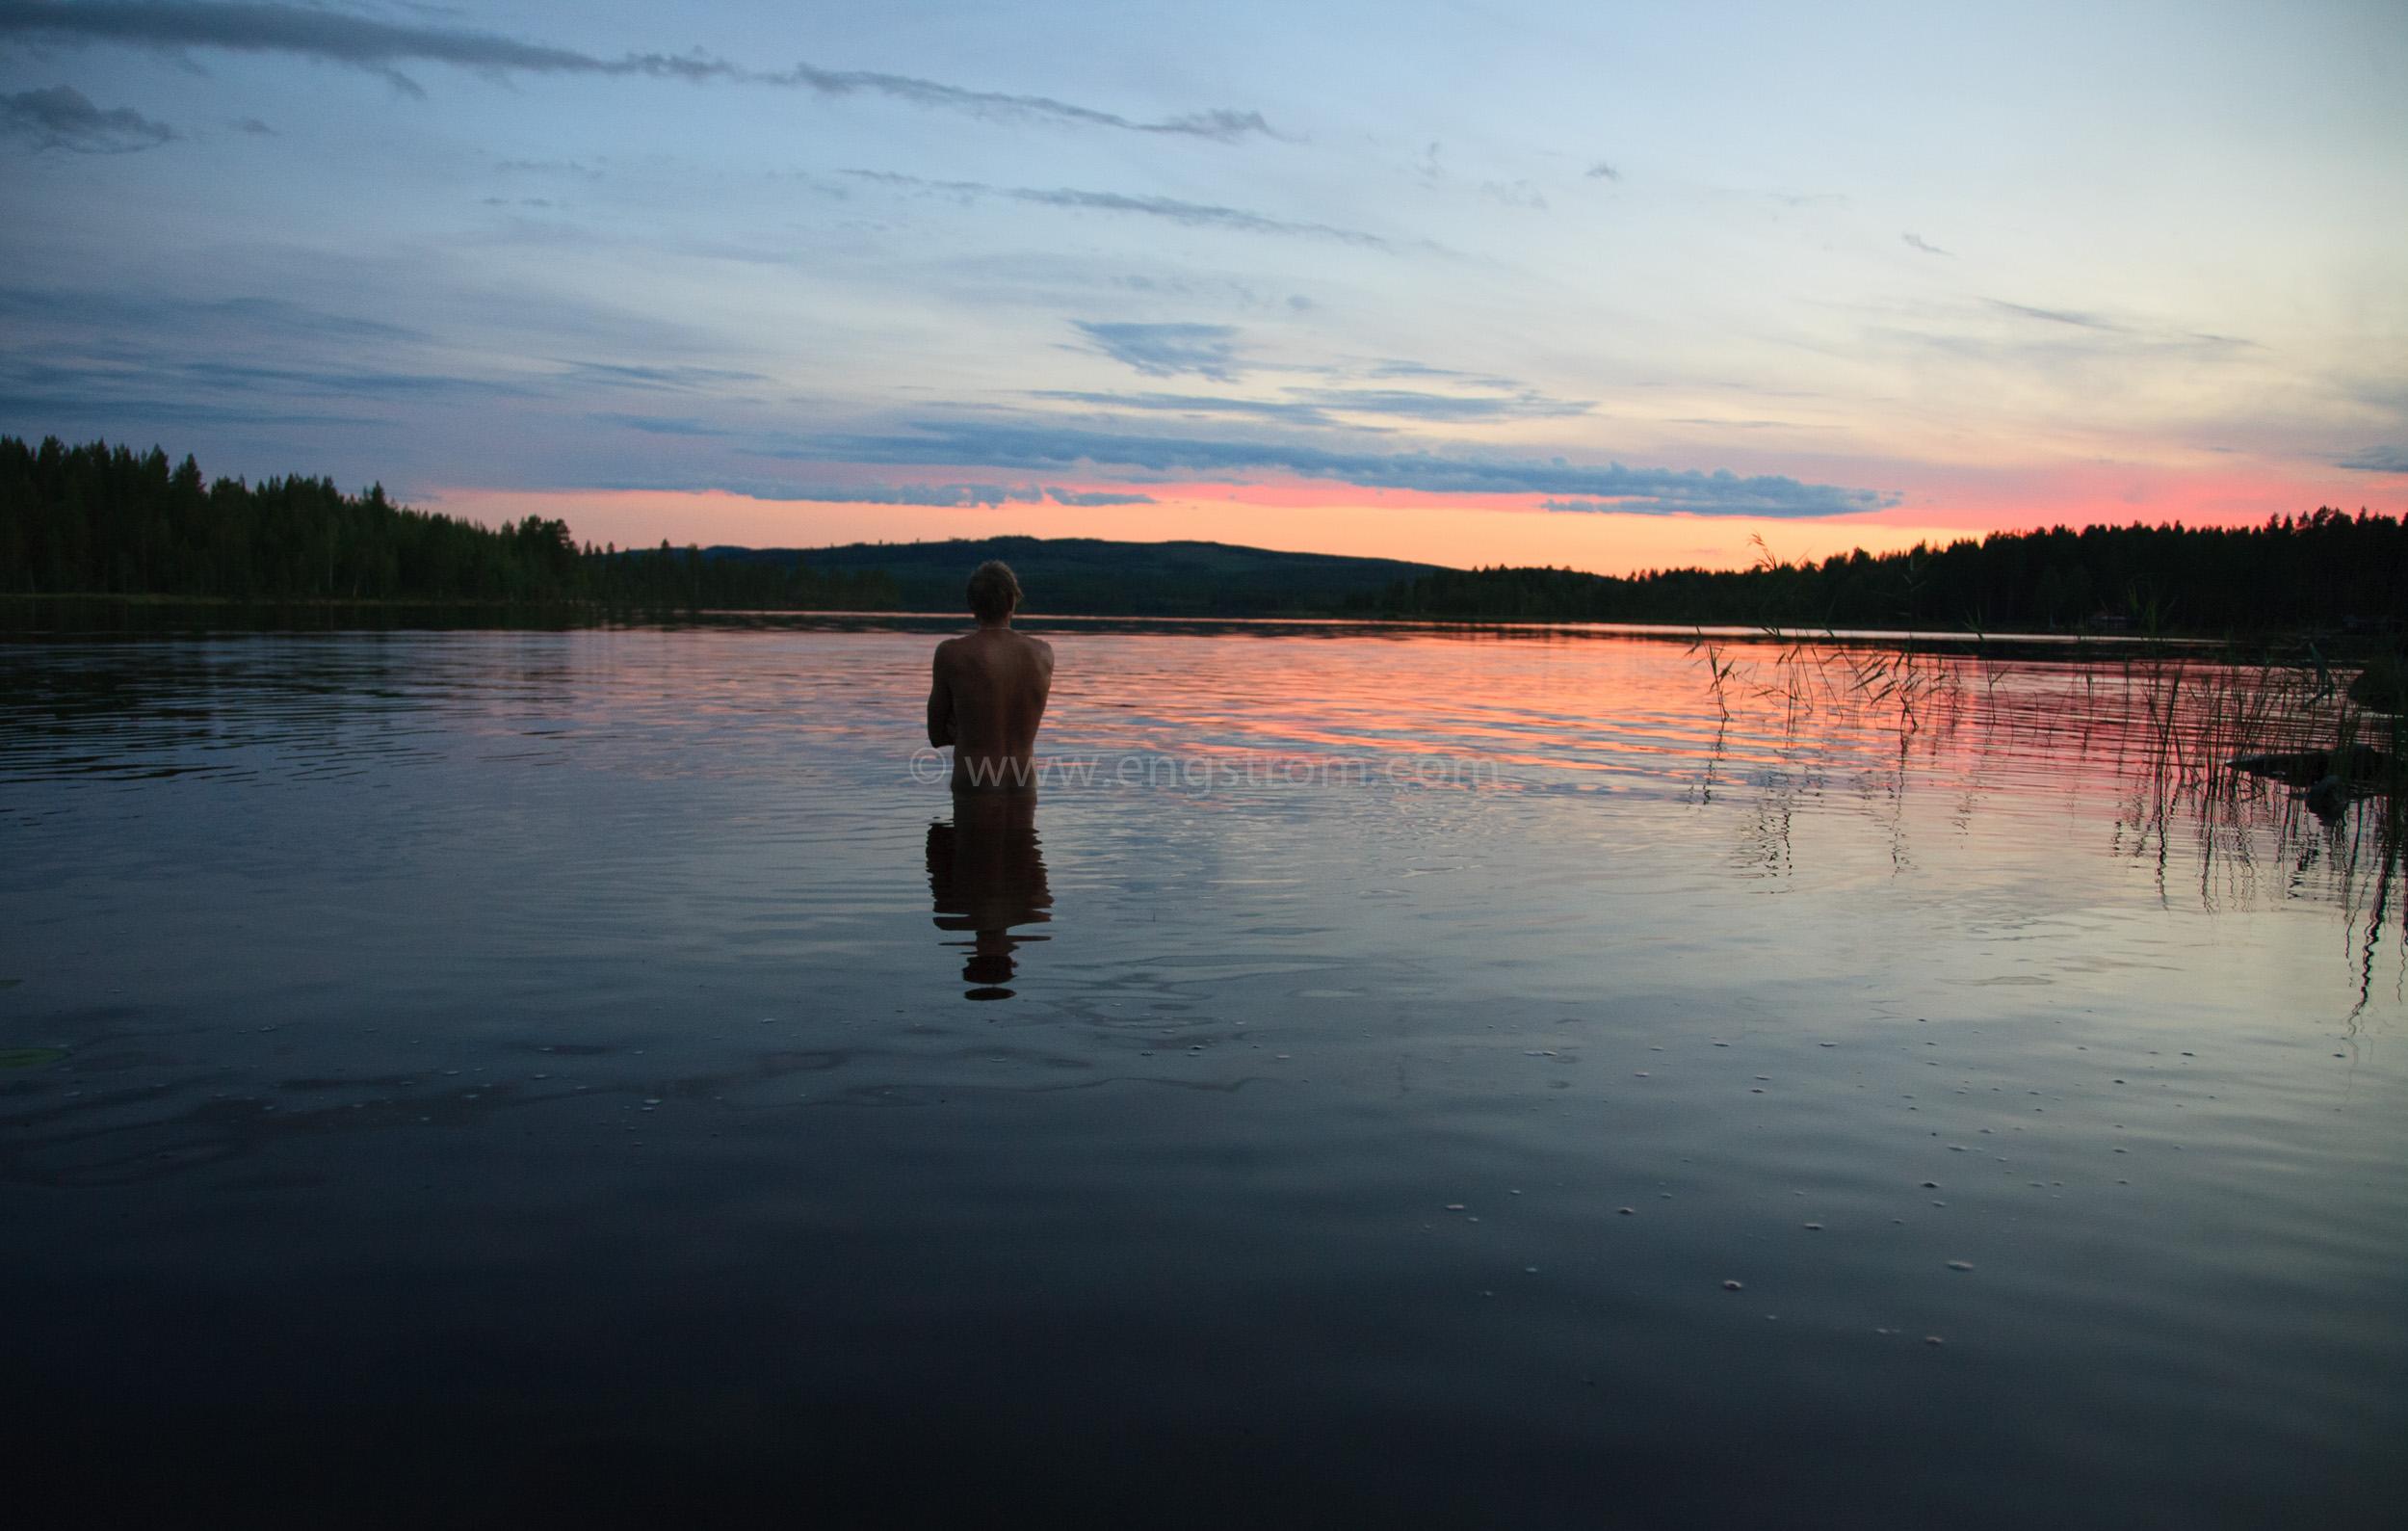 JE_65097, Ett sent kvällsbad, Jonas Engström